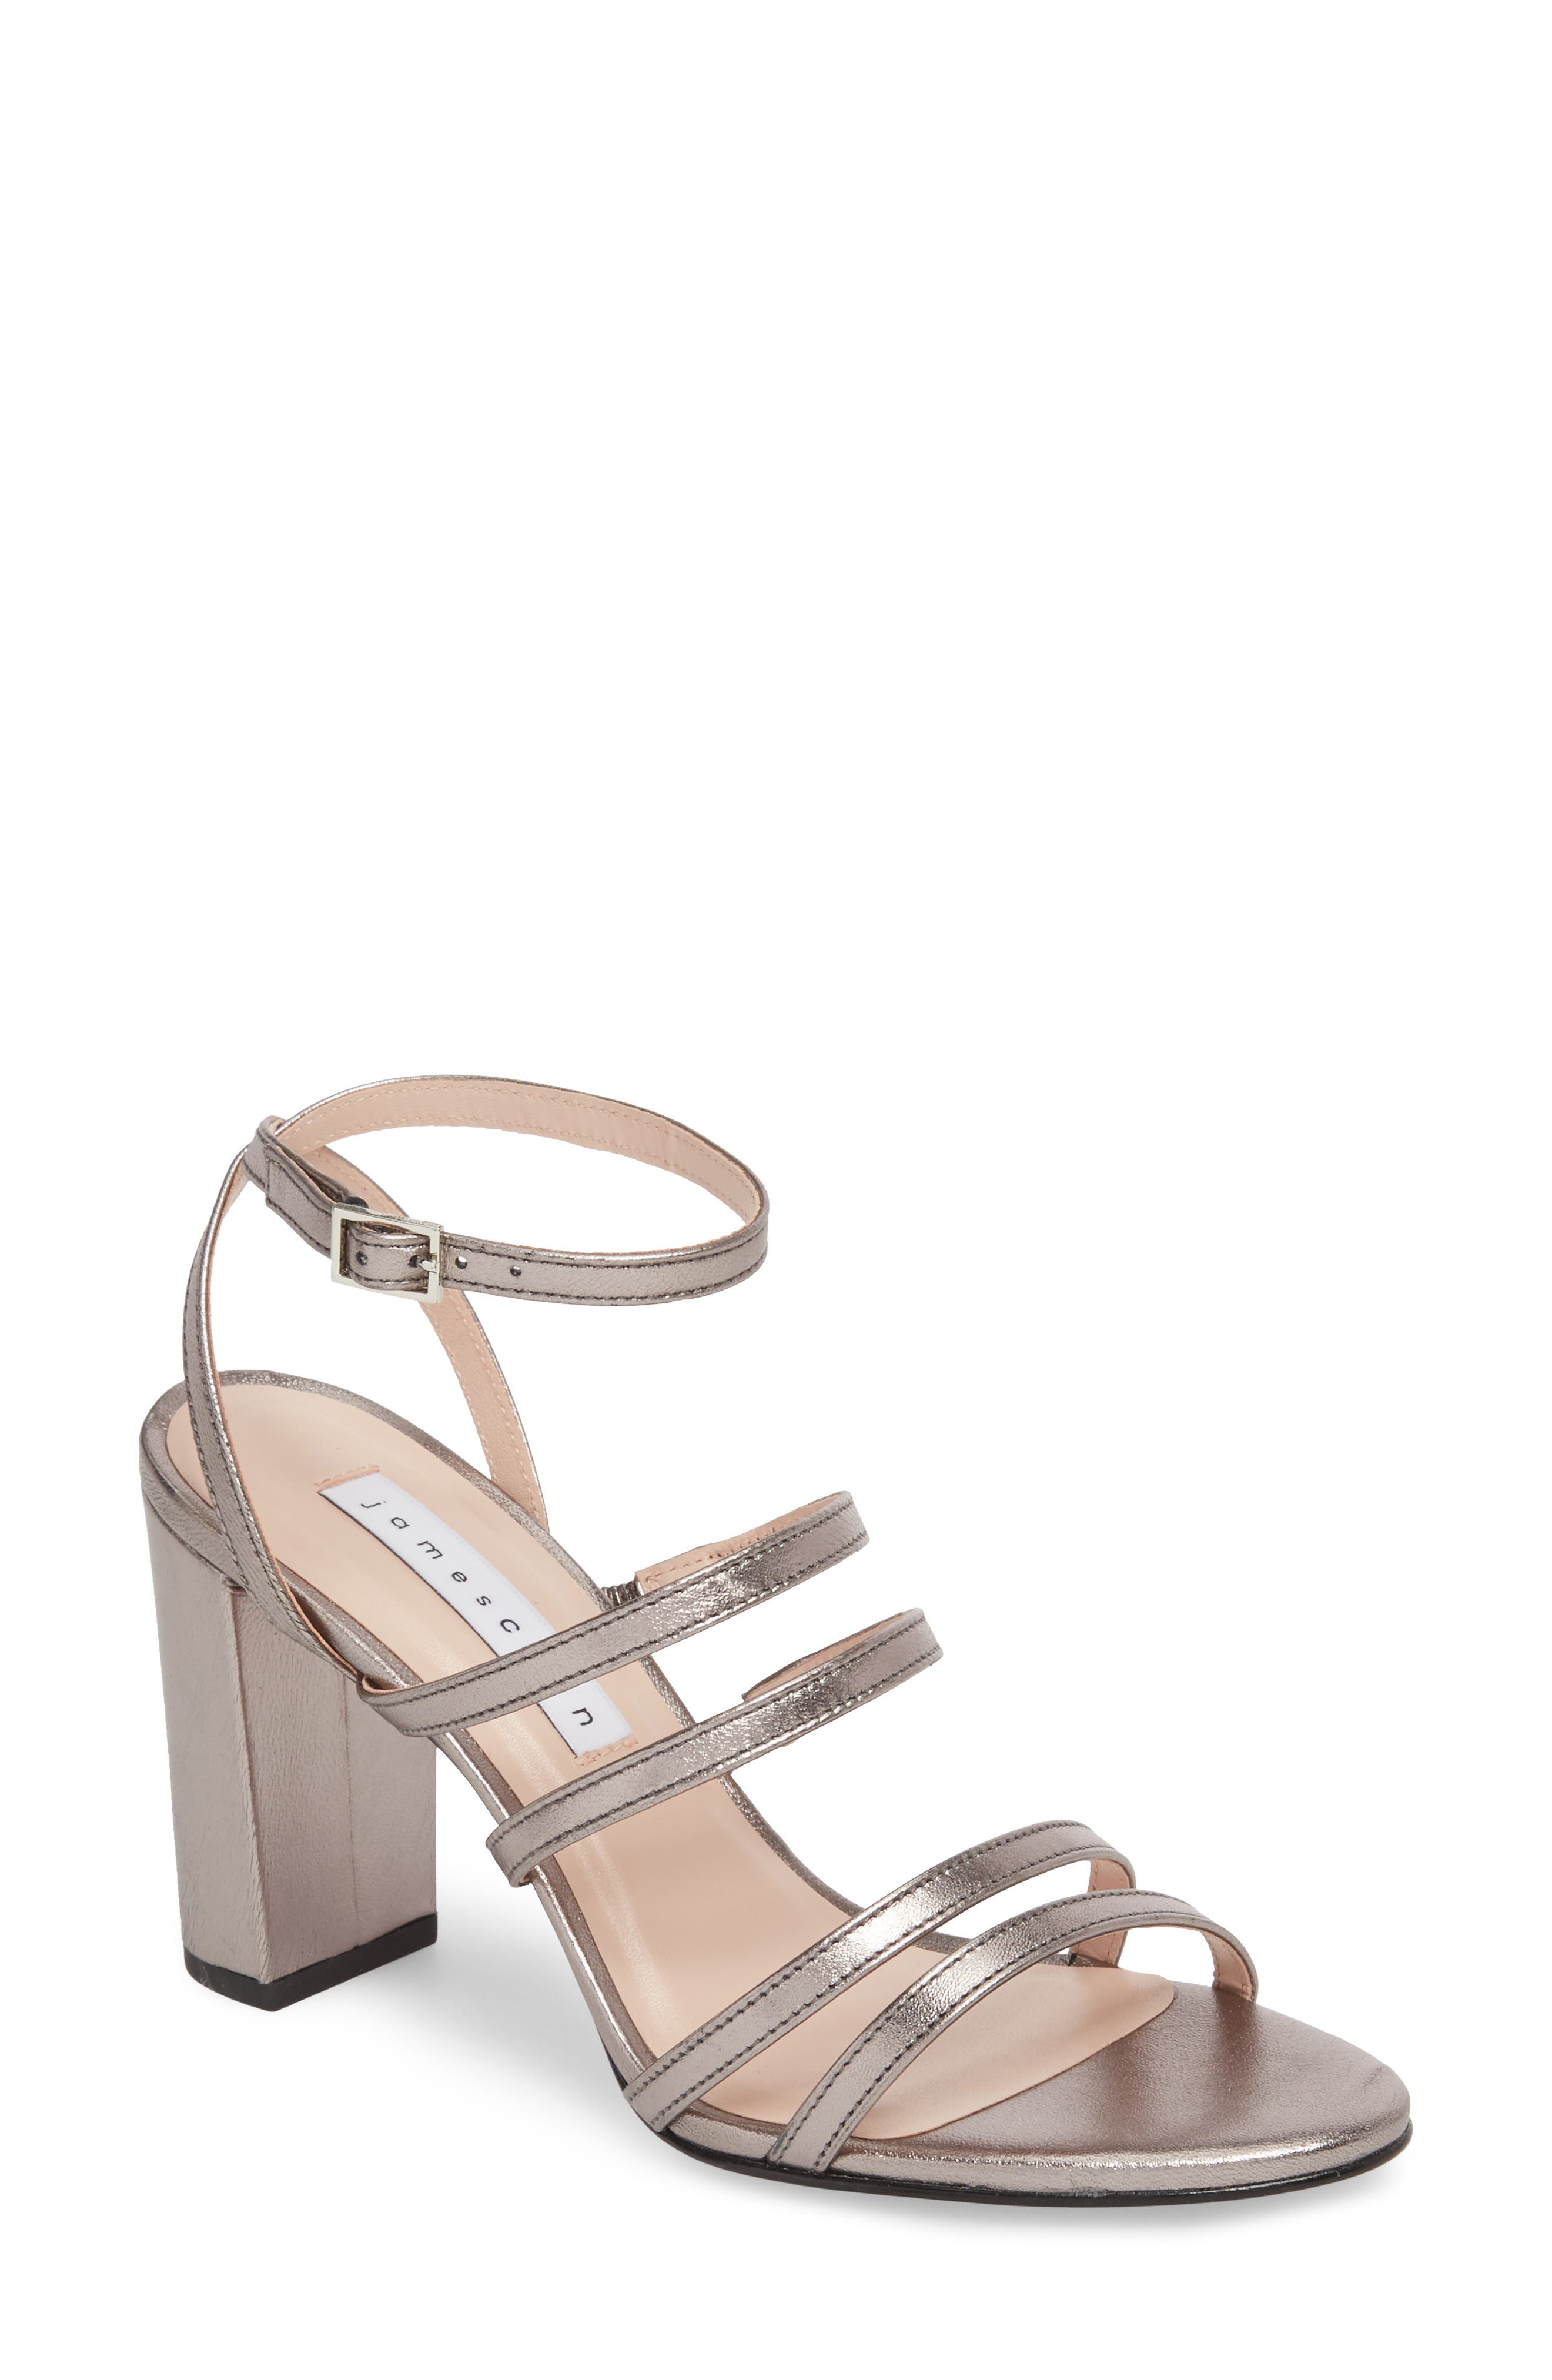 Adina Sandal,                         Main,                         color, Silver Leather